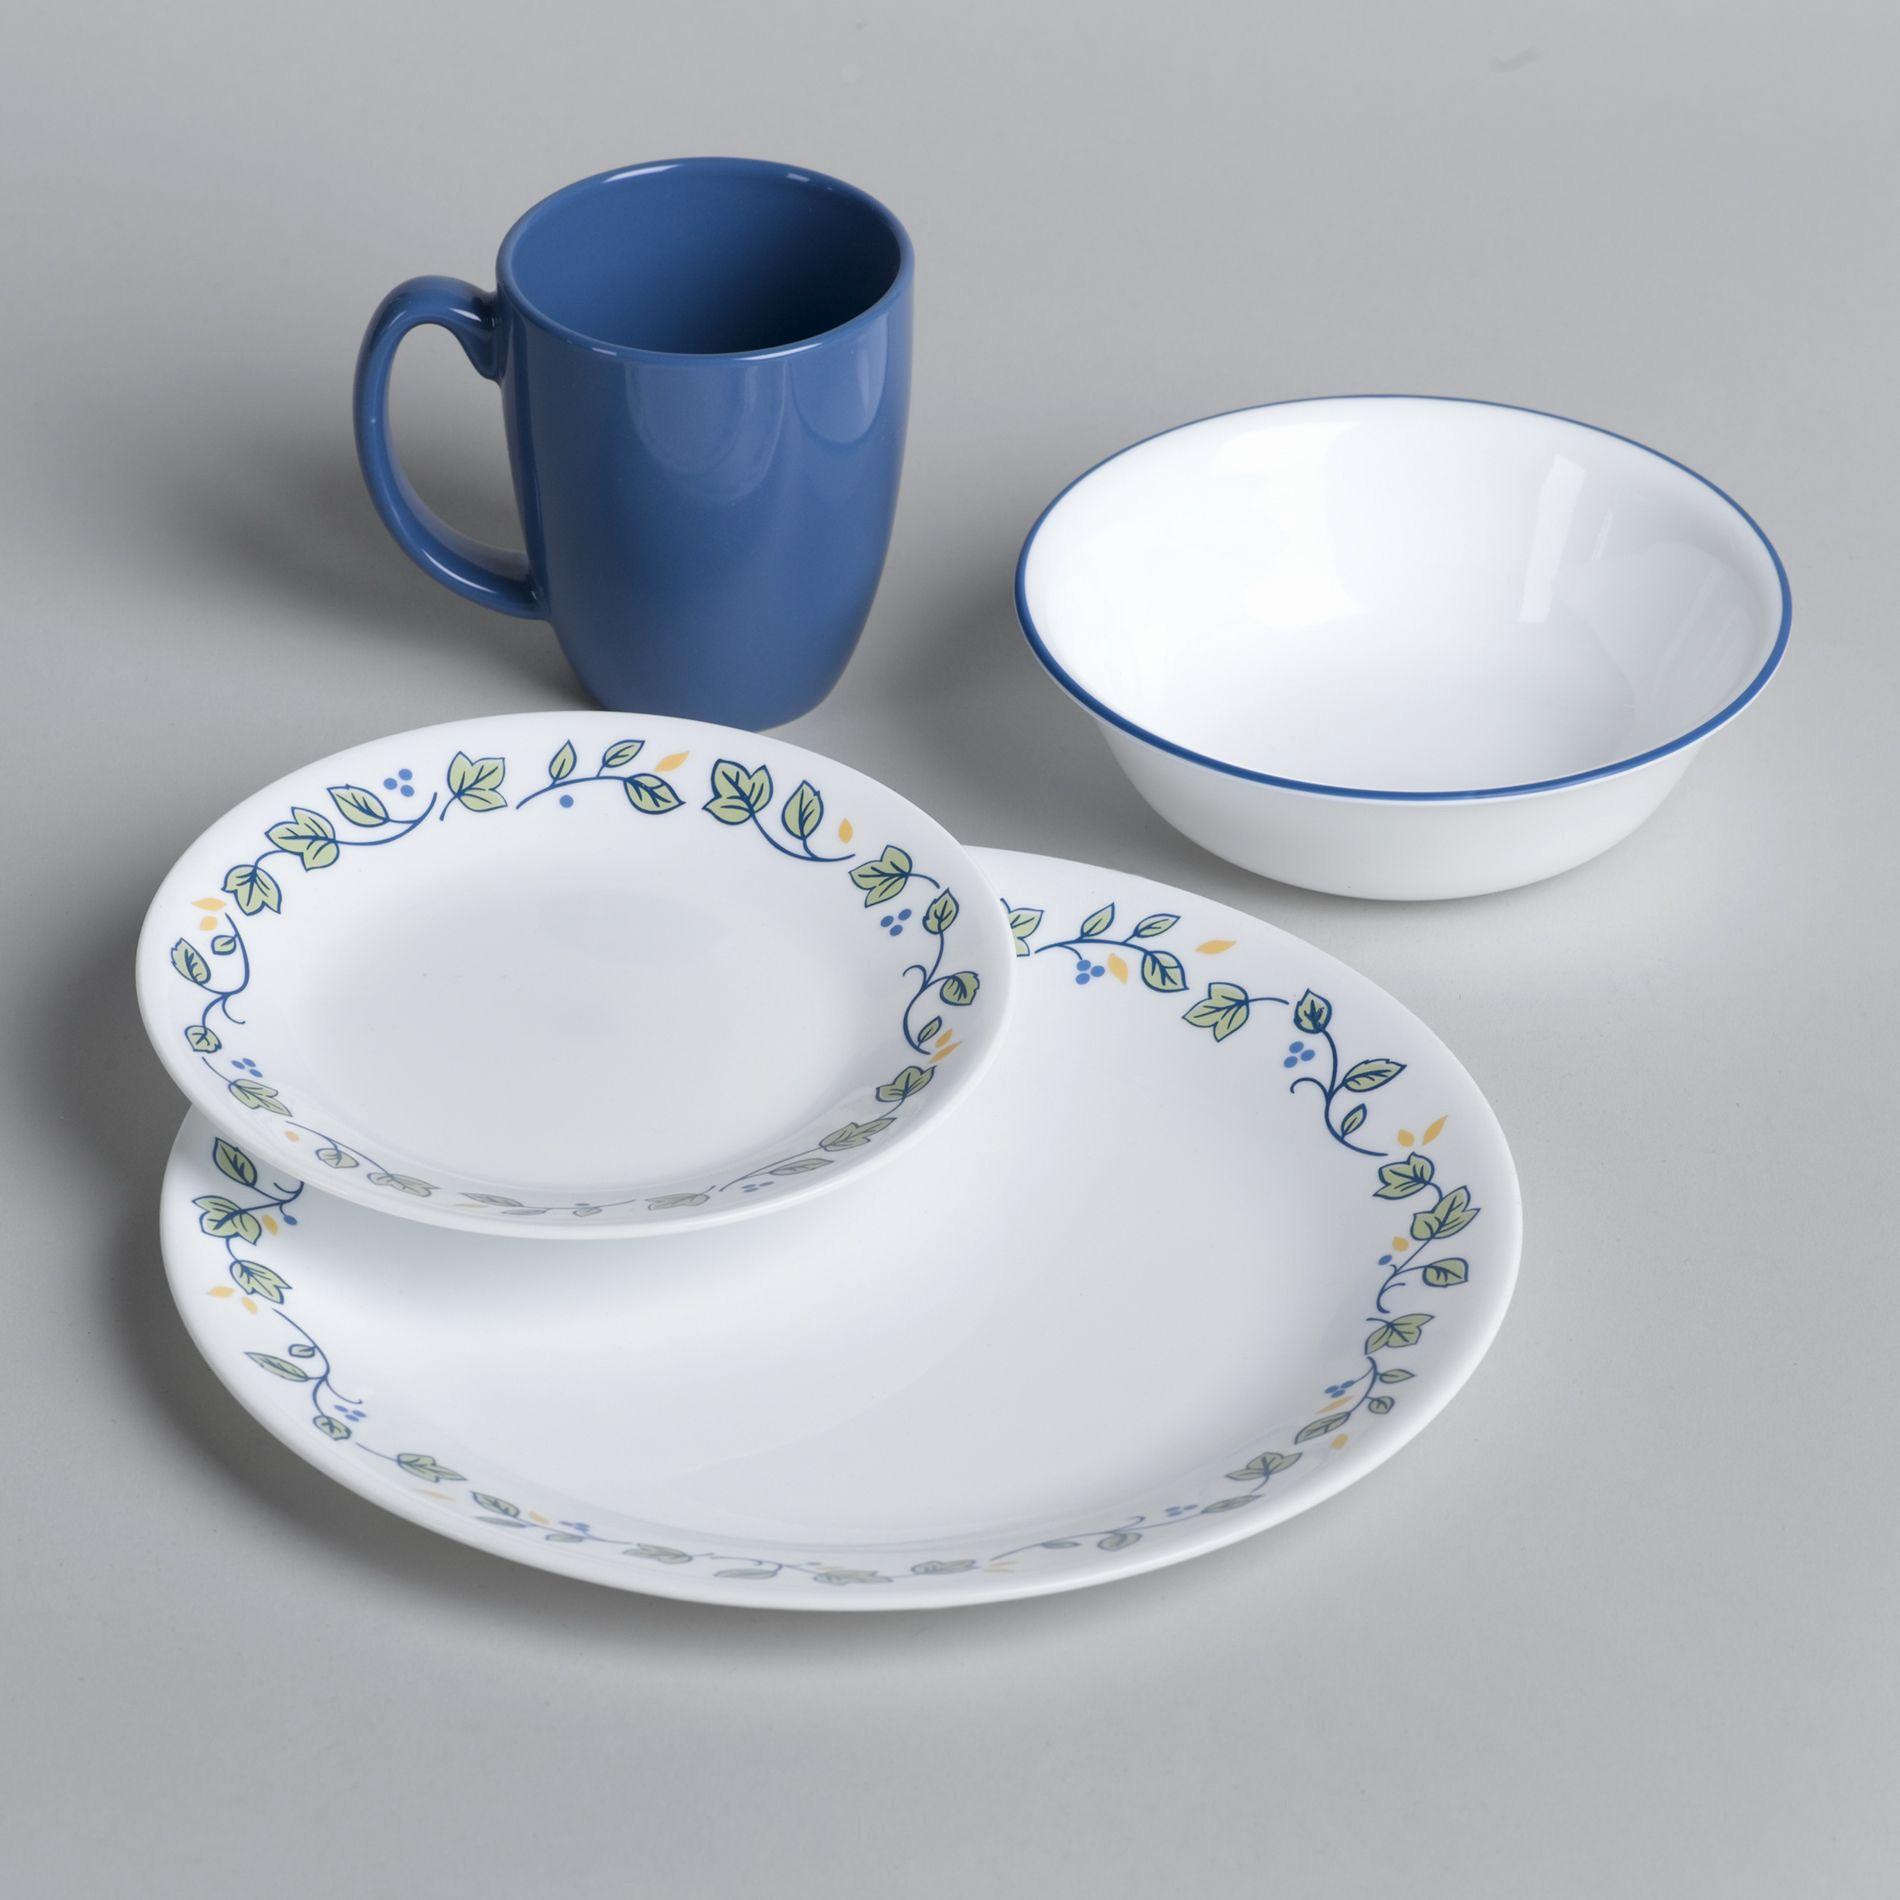 Light Weight Dinner Ware  Lightweight Dinnerware Like Corelle – Perfect Lightweight